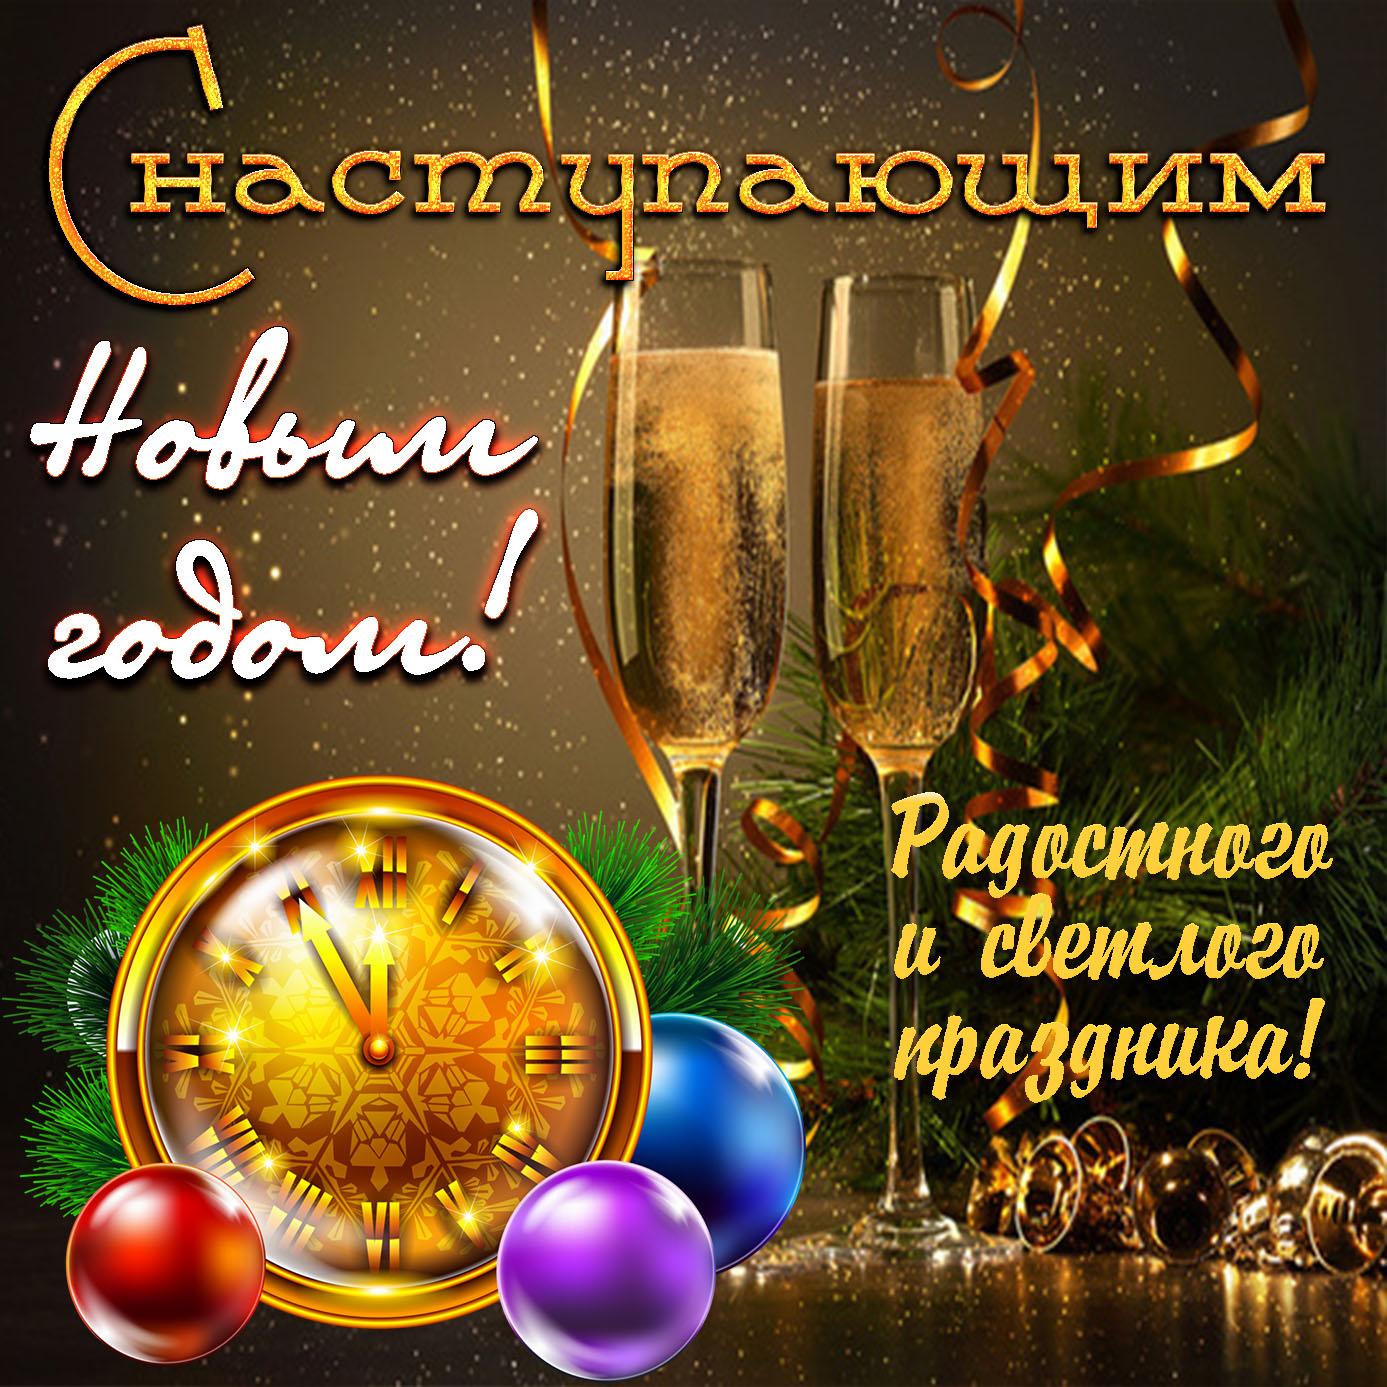 Открытка с наступающим Новым годом с часами